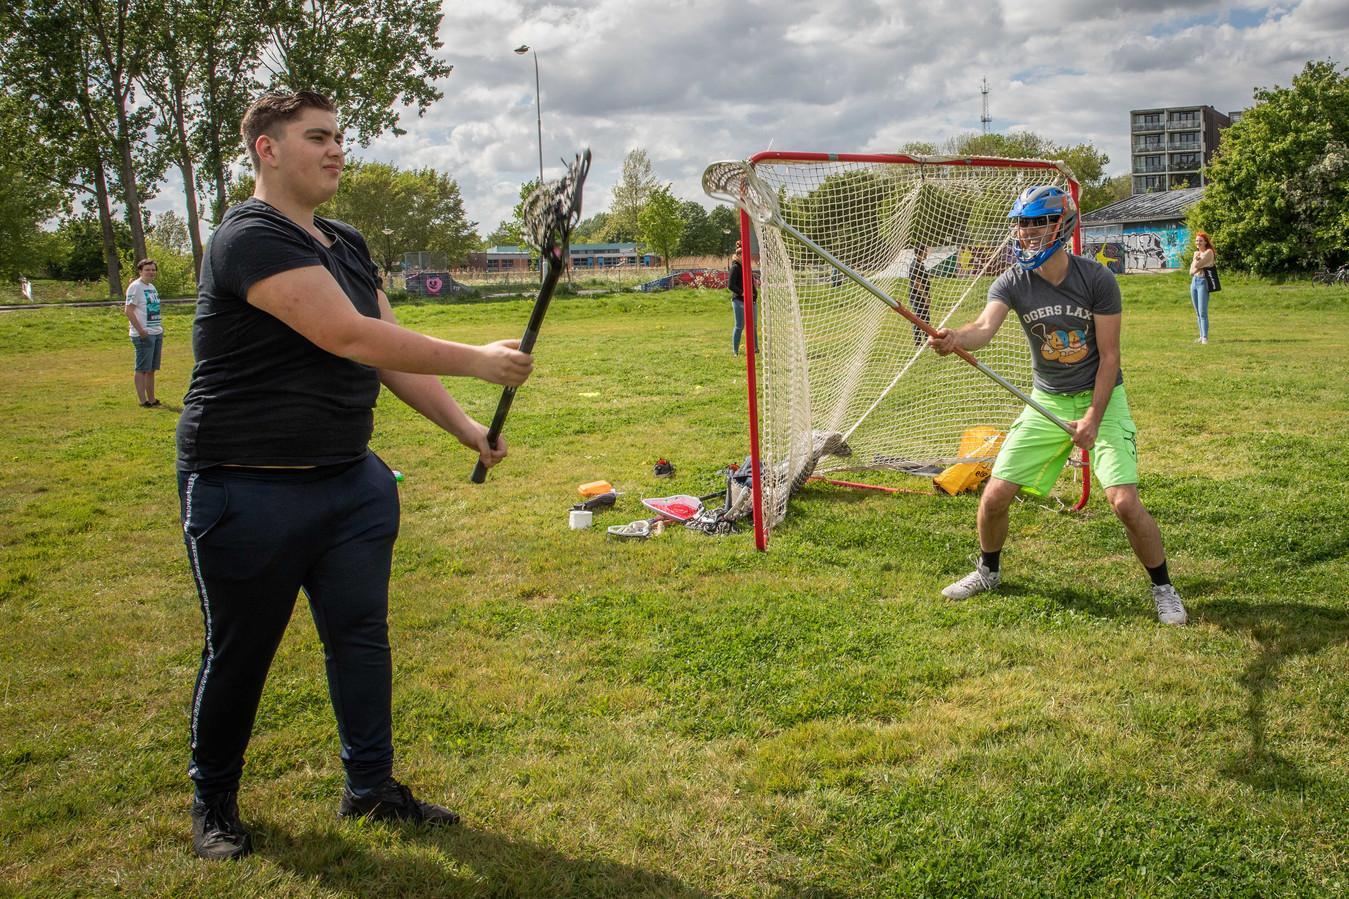 Daniël Sterenborg (r) leert Loek Jansen de beginselen van lacrosse